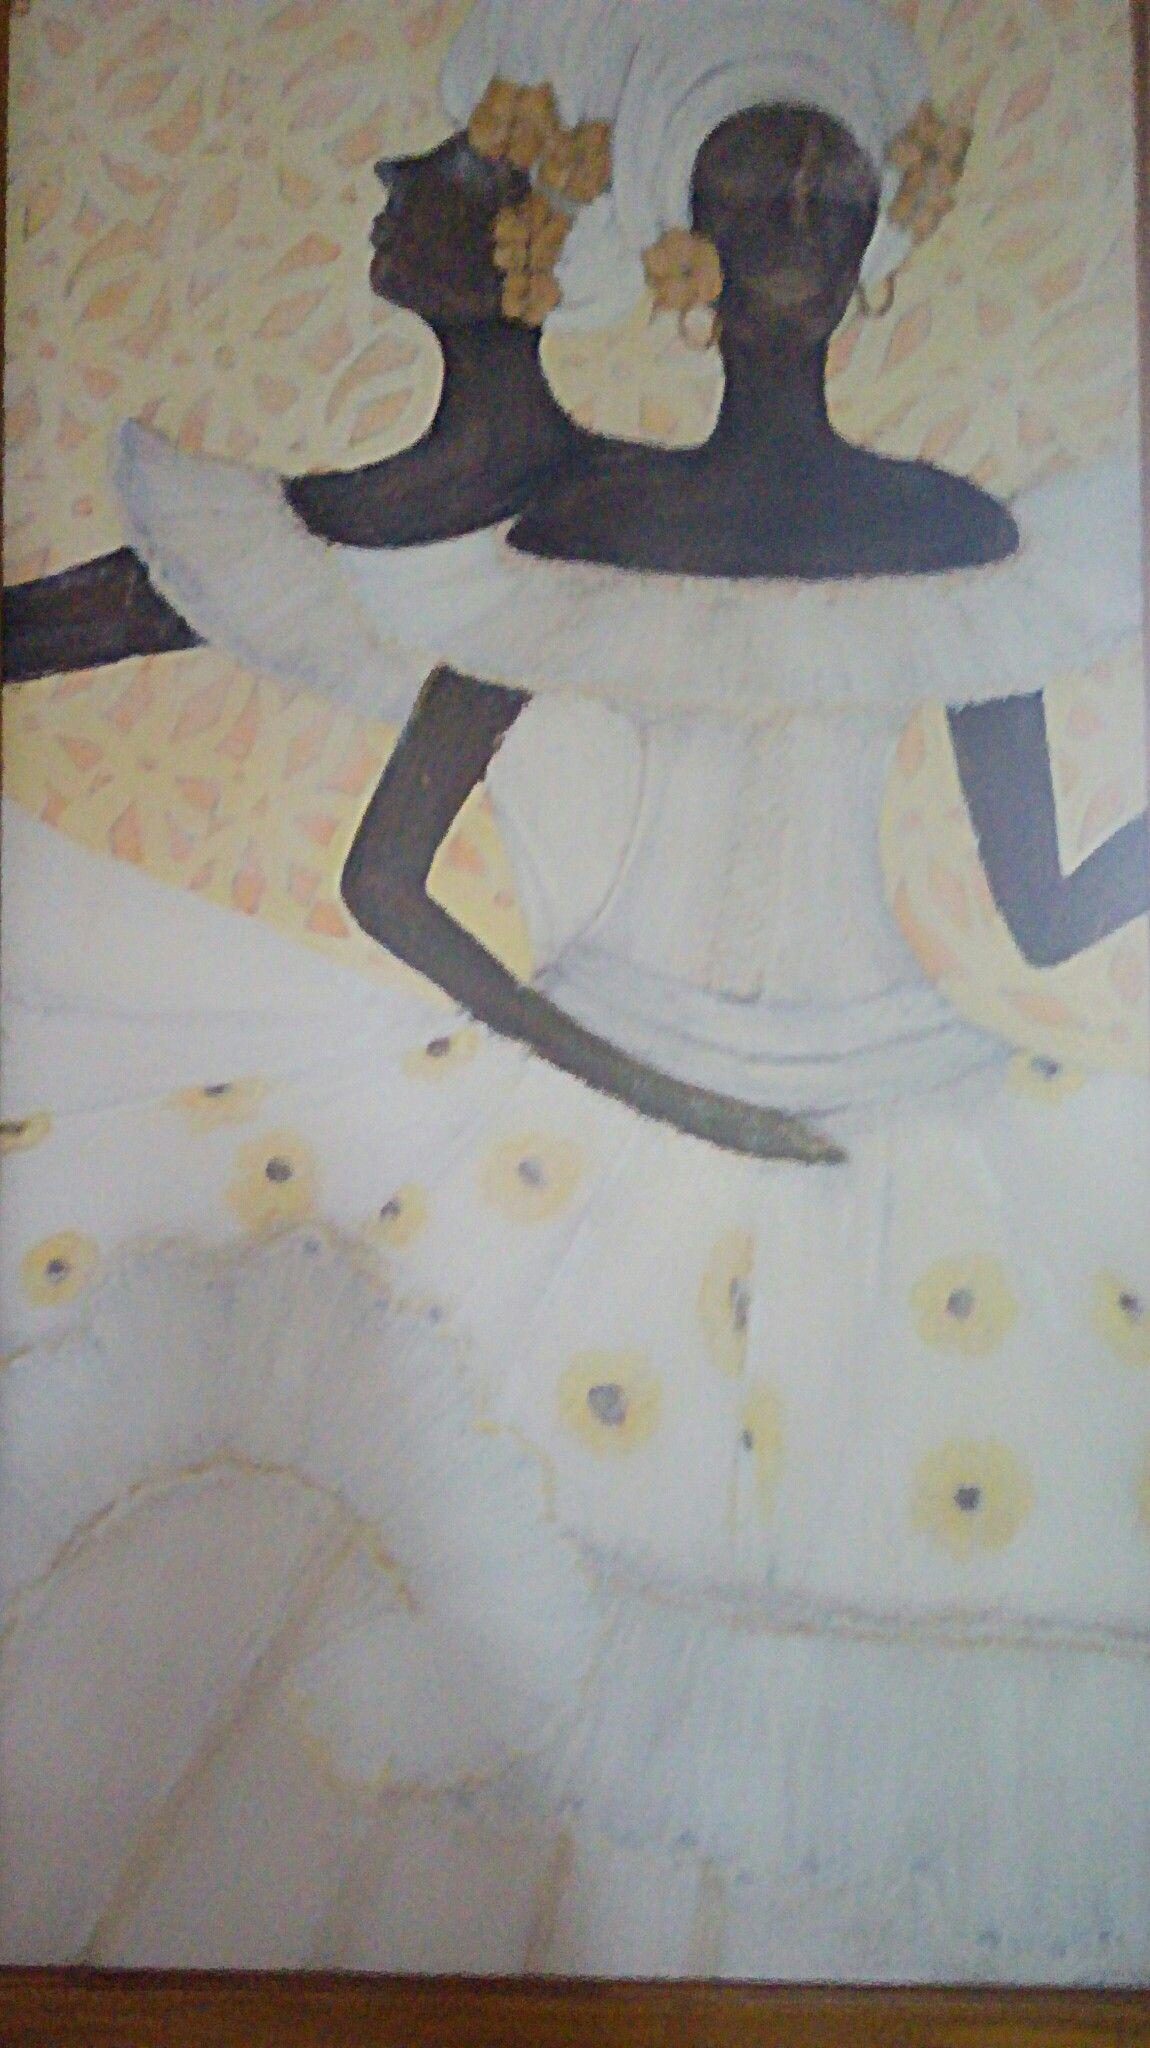 Óleo sobre tela num delicado  bailado de baianas 1,5x0.90 R$ 3.000,00 Tel: 61 995551996 Brasília/ Brasil